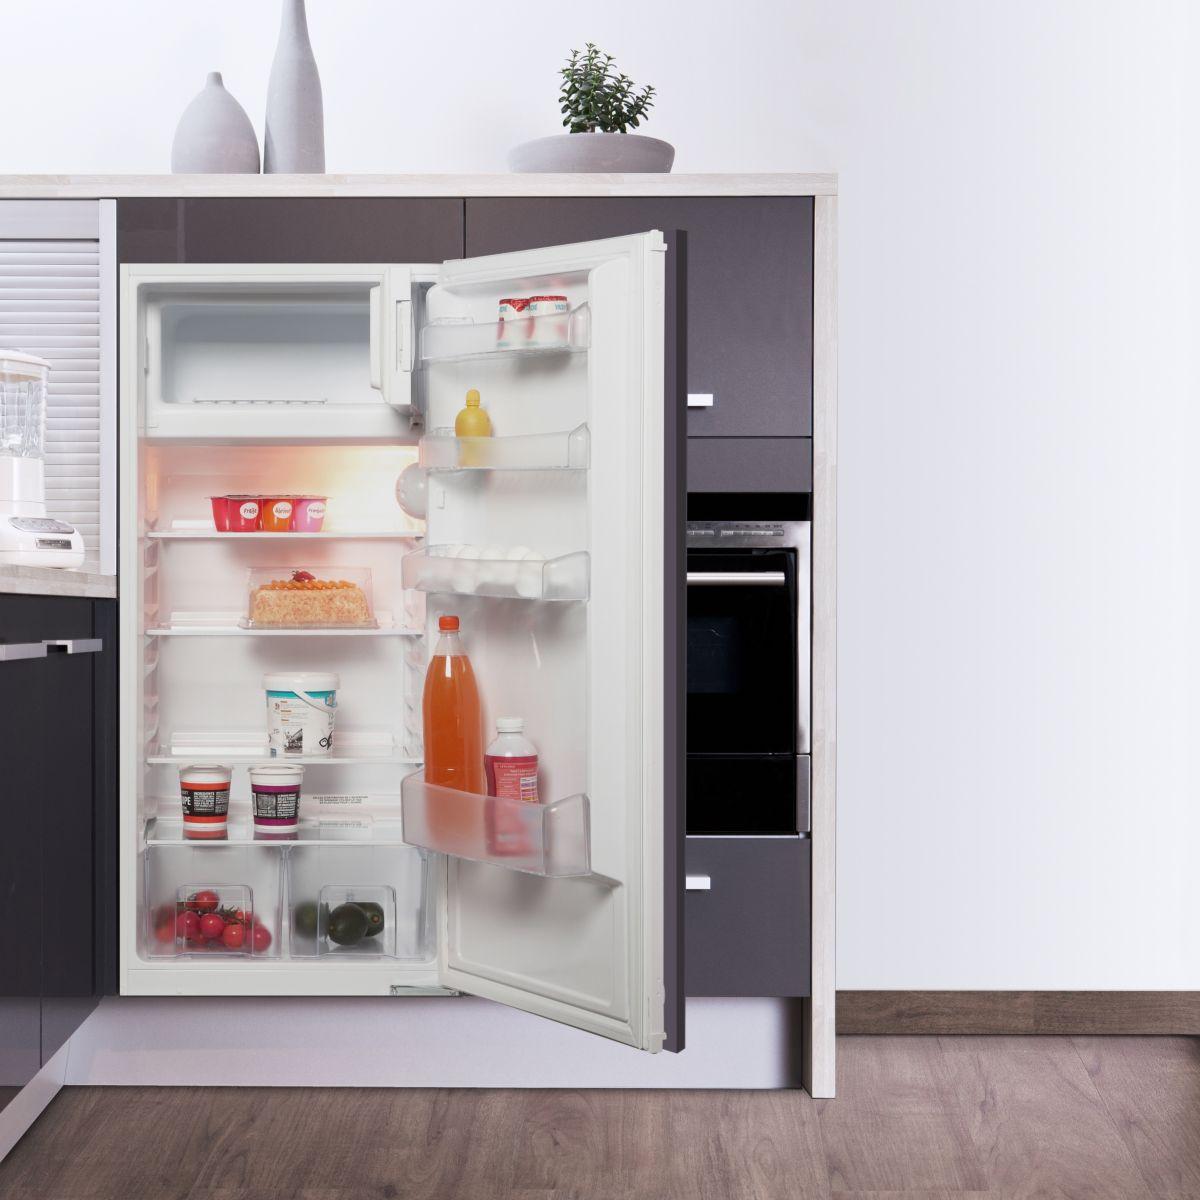 beko rbi2301 r frig rateur int grable 1 porte comparer. Black Bedroom Furniture Sets. Home Design Ideas